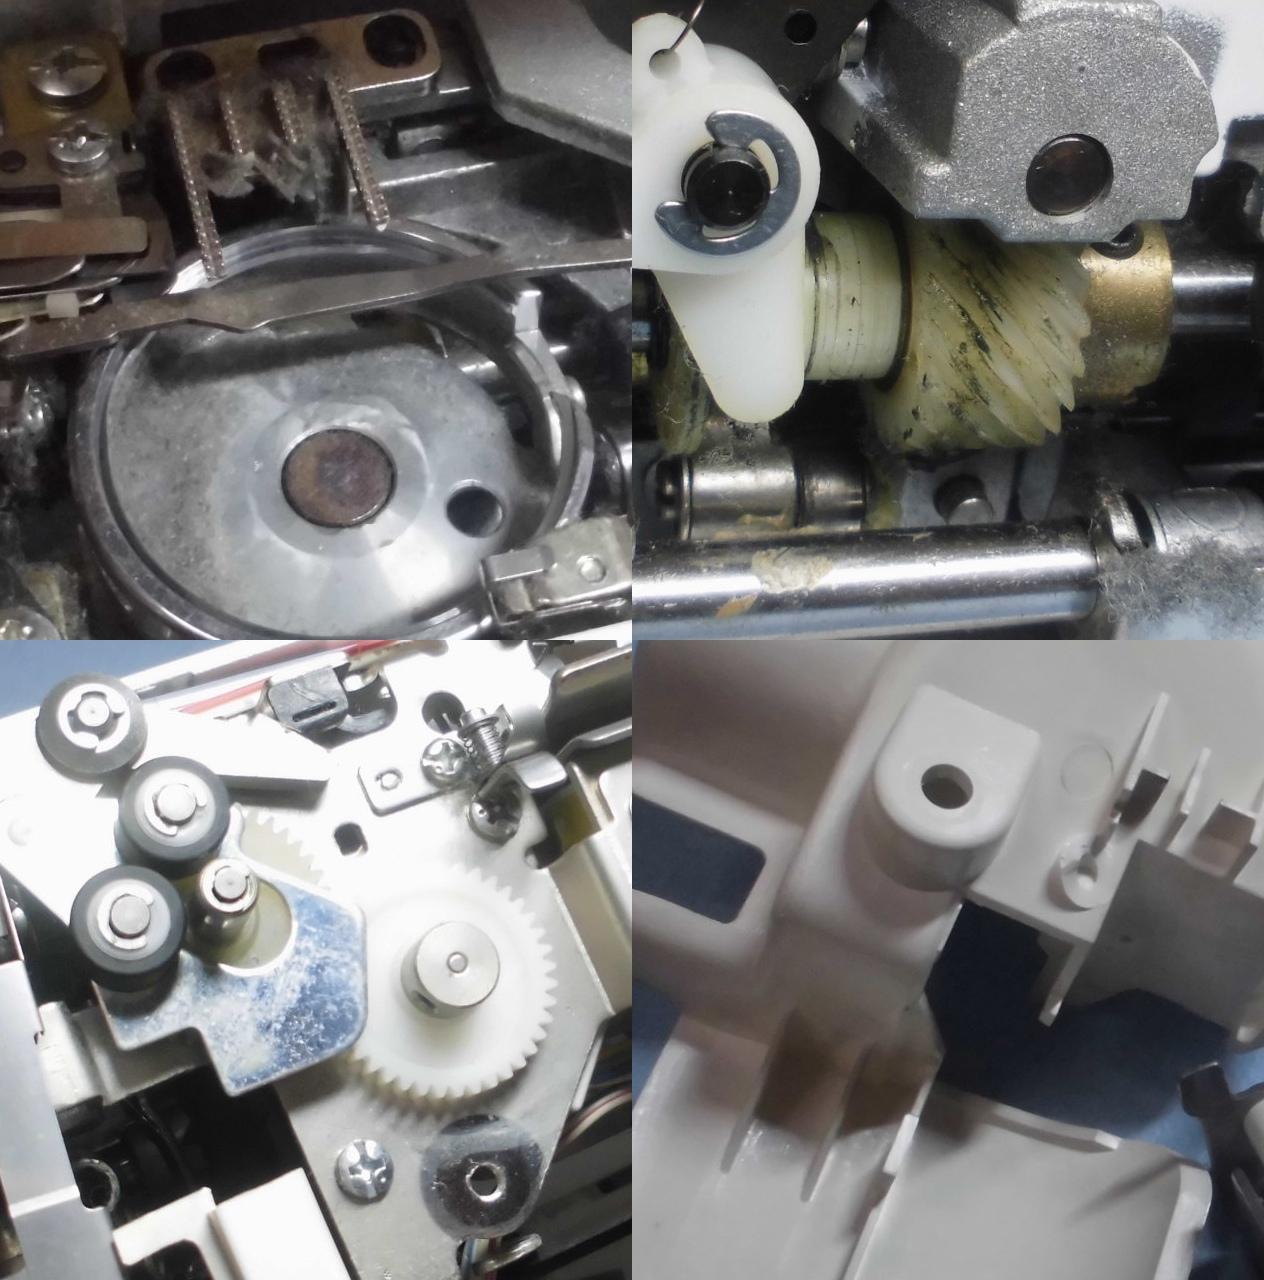 ブラザーミシン ミモレLの分解オーバーホールメンテナンス修理|ZZ3-B897